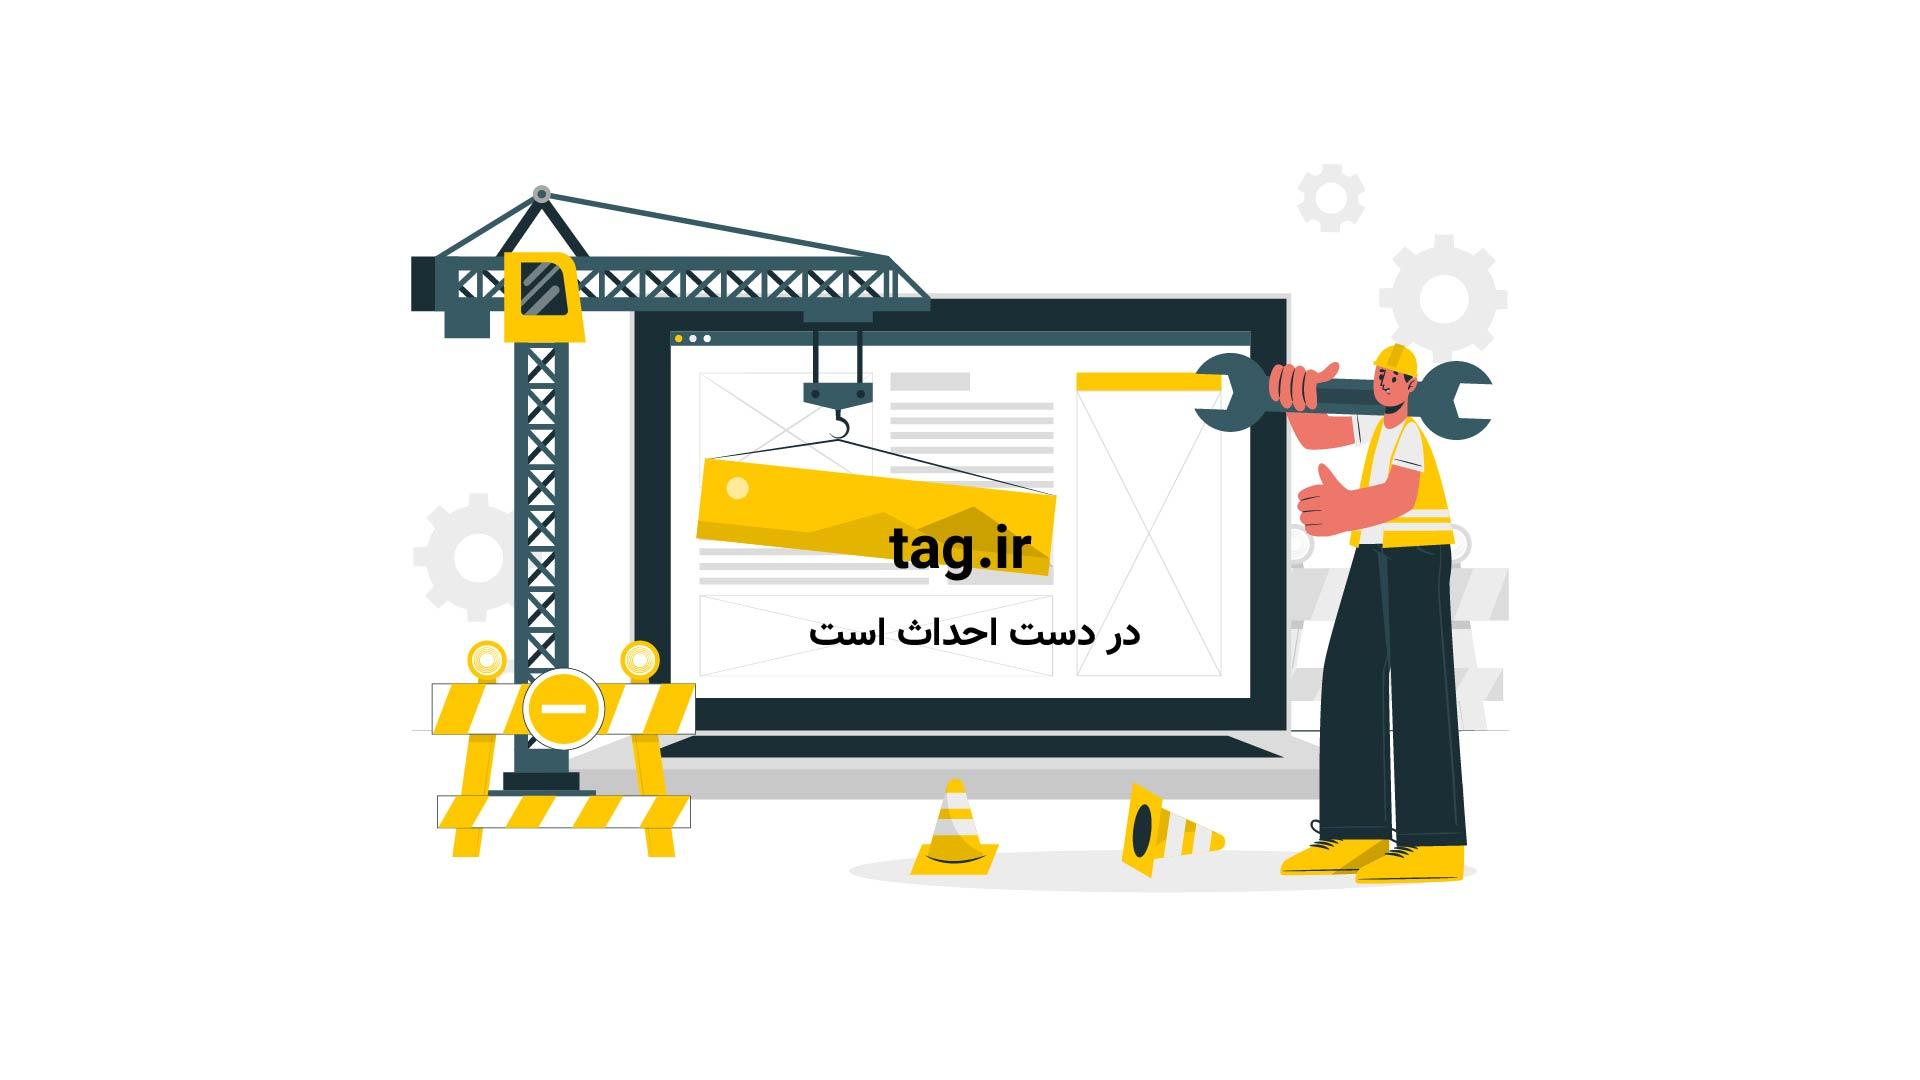 تلاش لاریجانی برای آرام کردن مجلس هنگام سخنرانی دکتر روحانی | فیلم